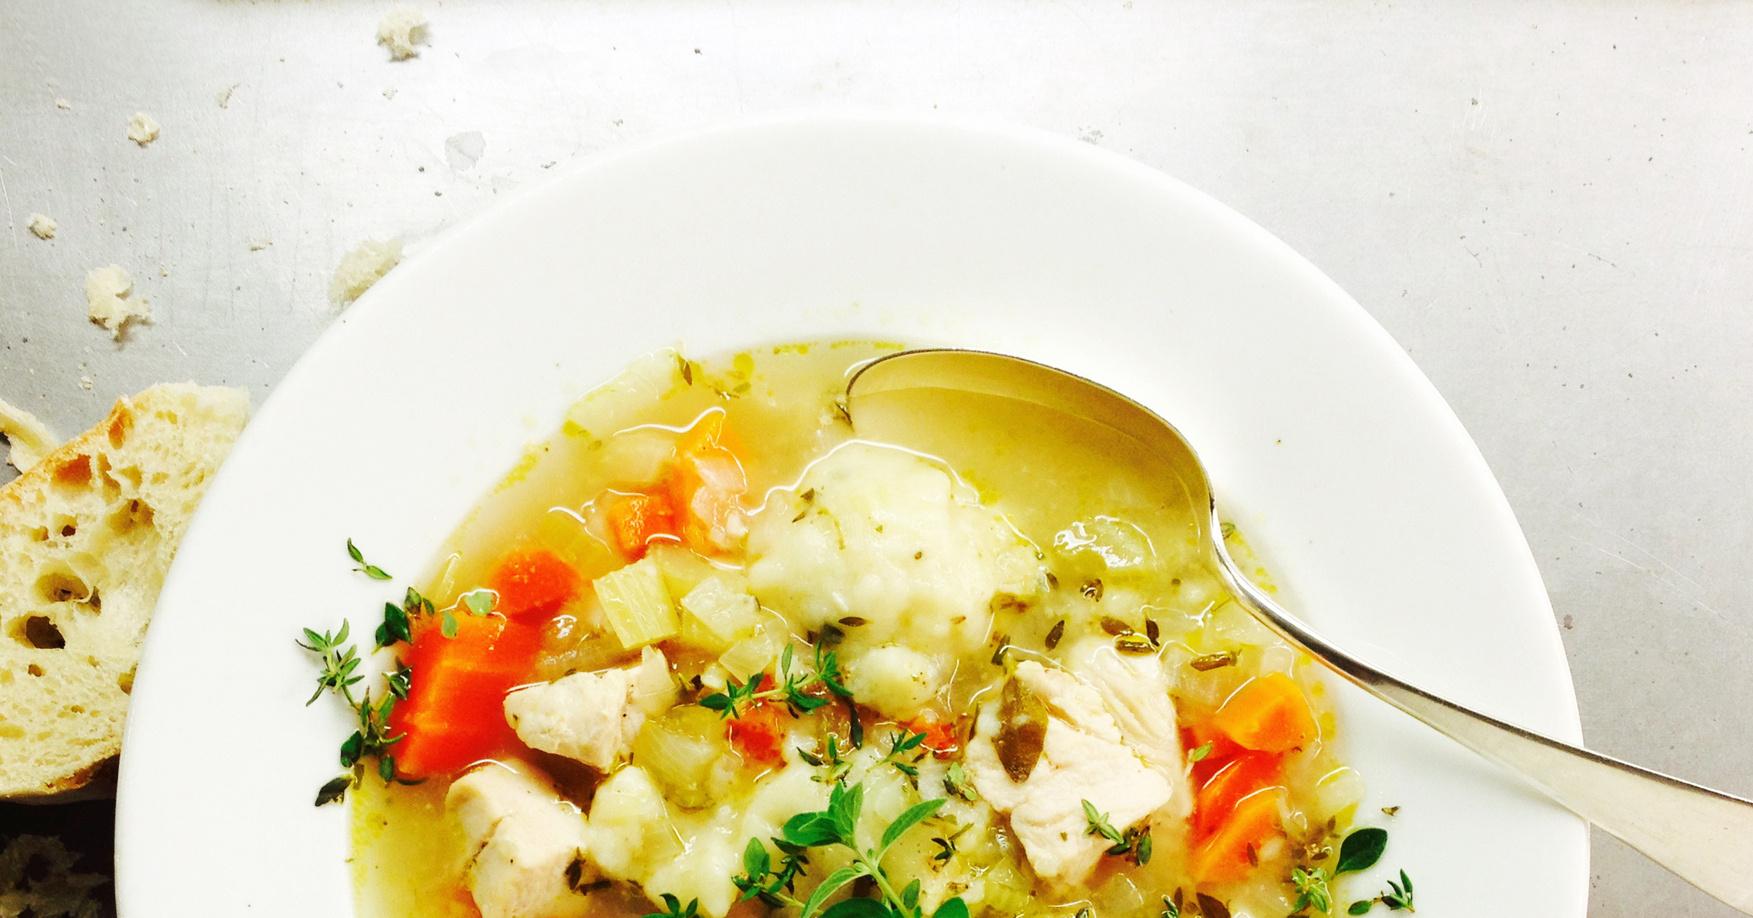 Суп с картошкой и мясом и вермишелью рецепт пошагово